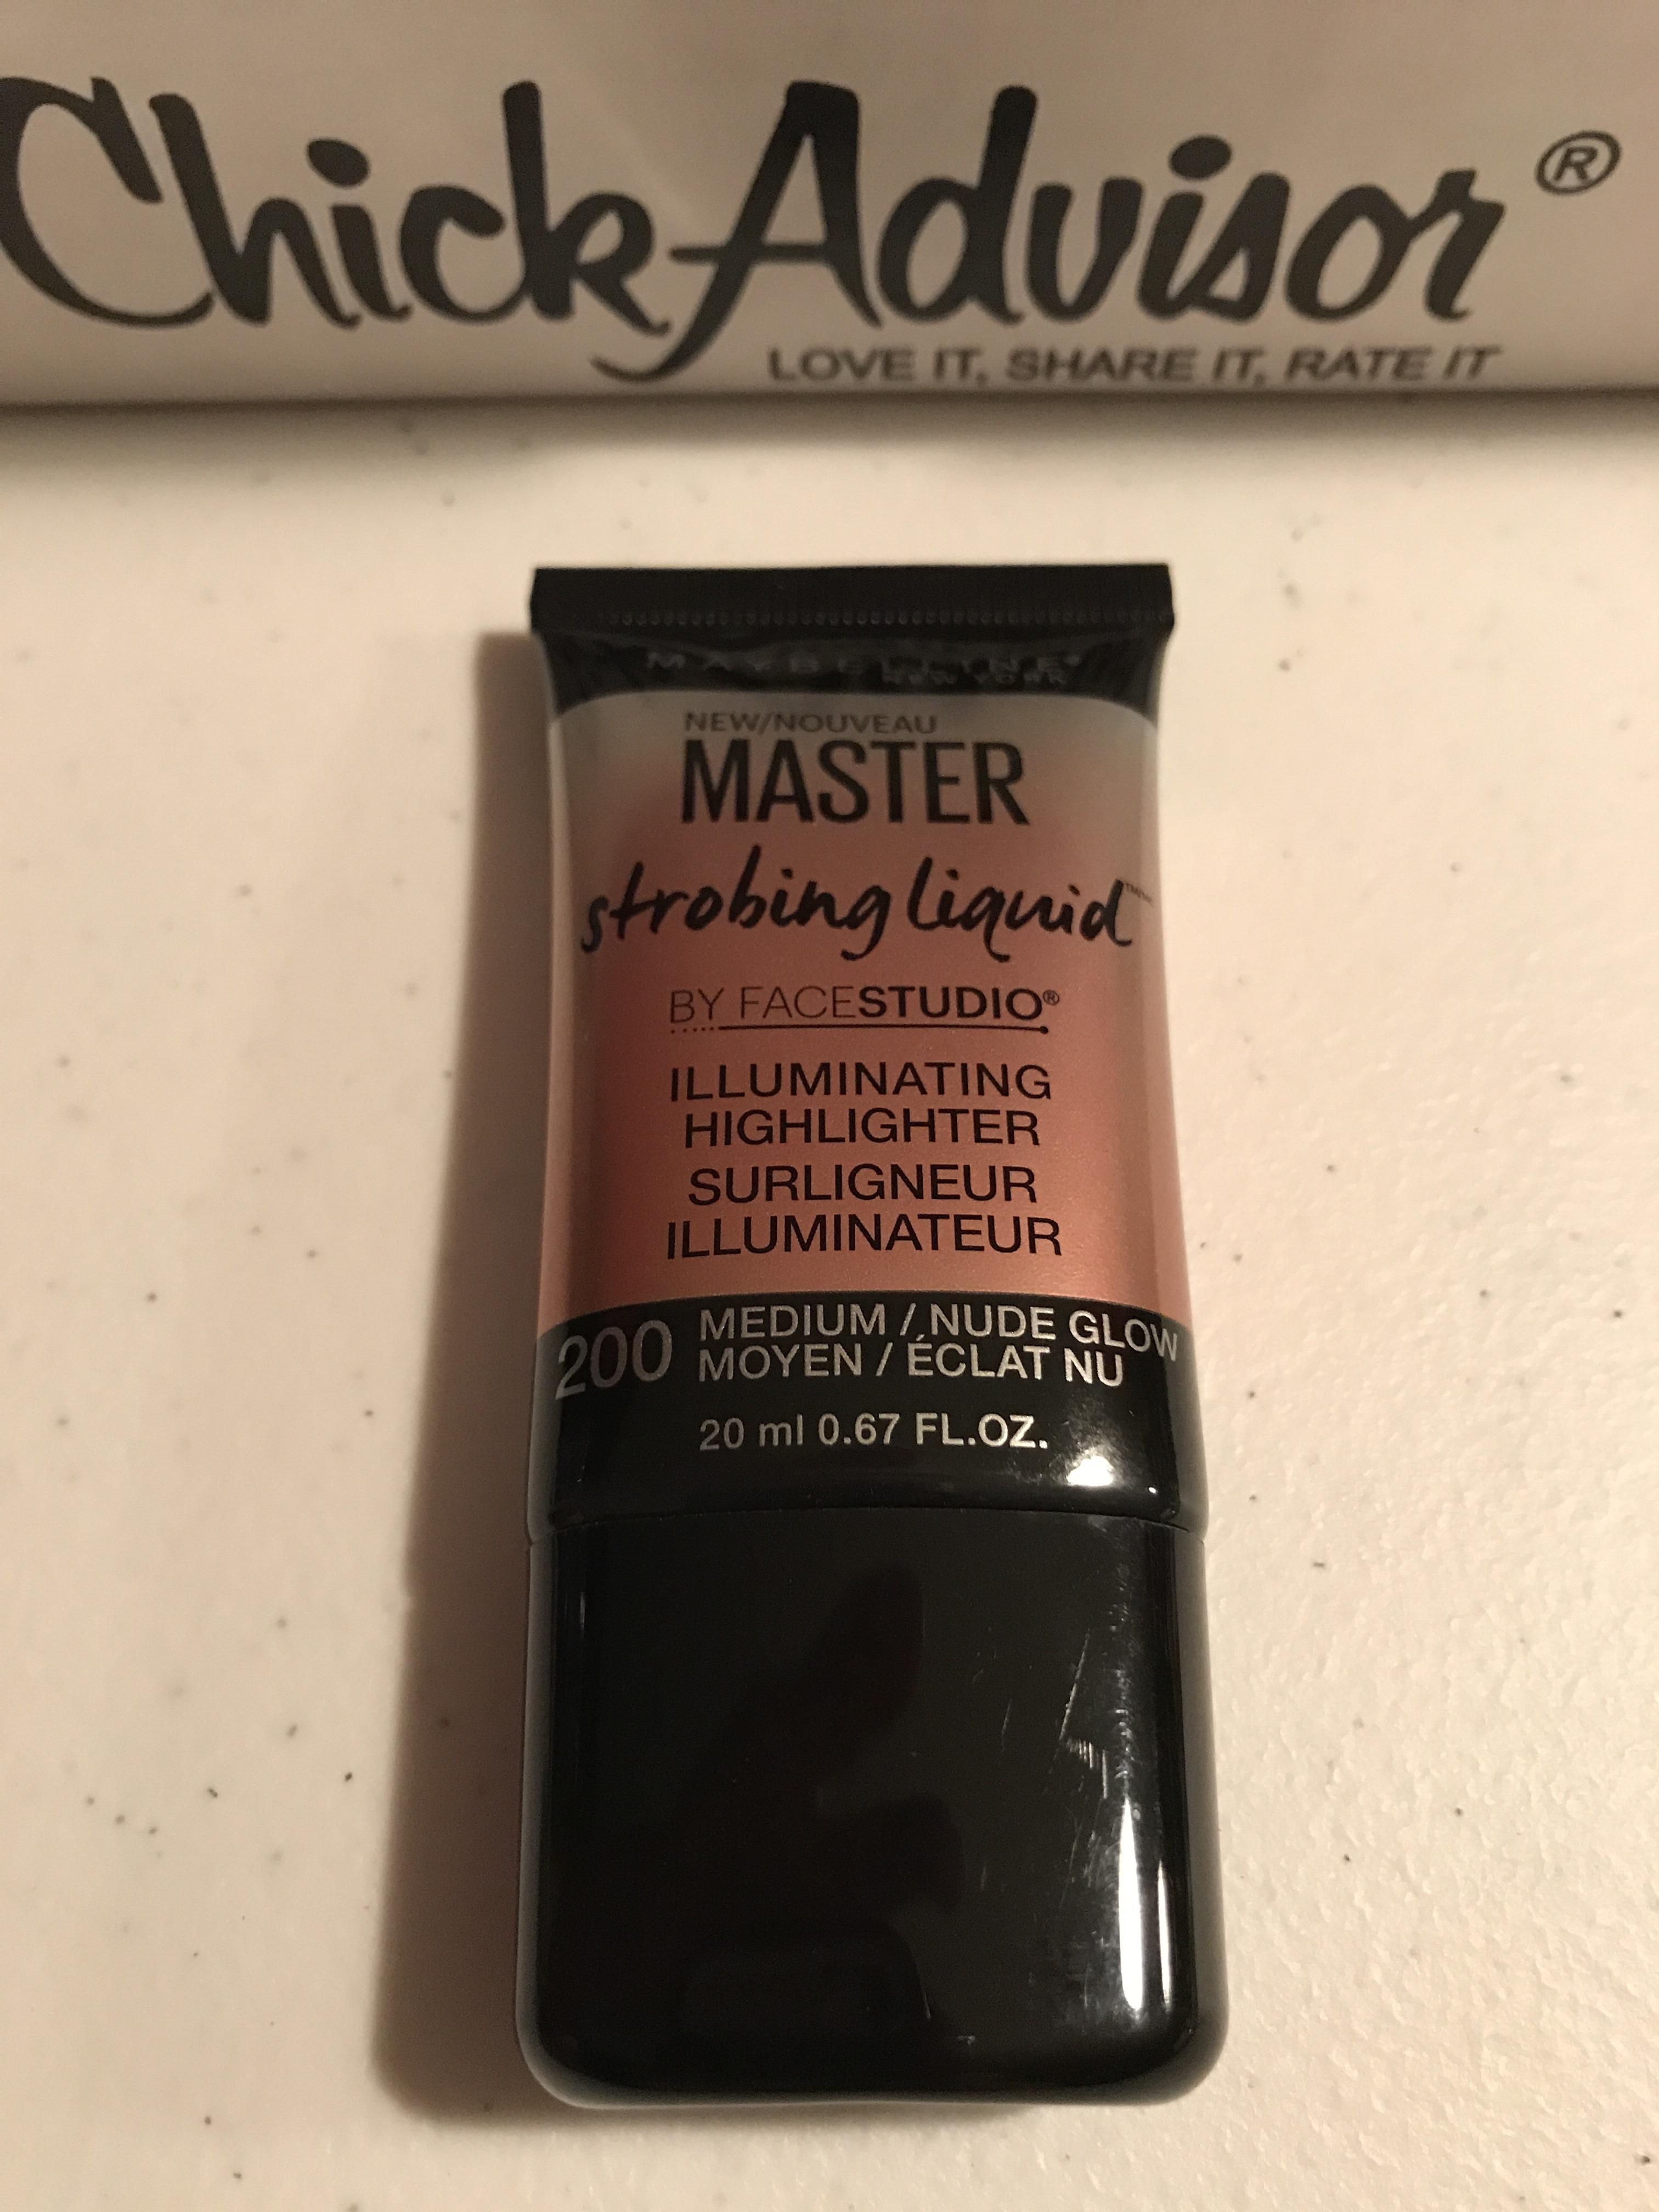 Maybelline New York Facestudio Master Strobing Liquid Illuminating Highlighter reviews ...